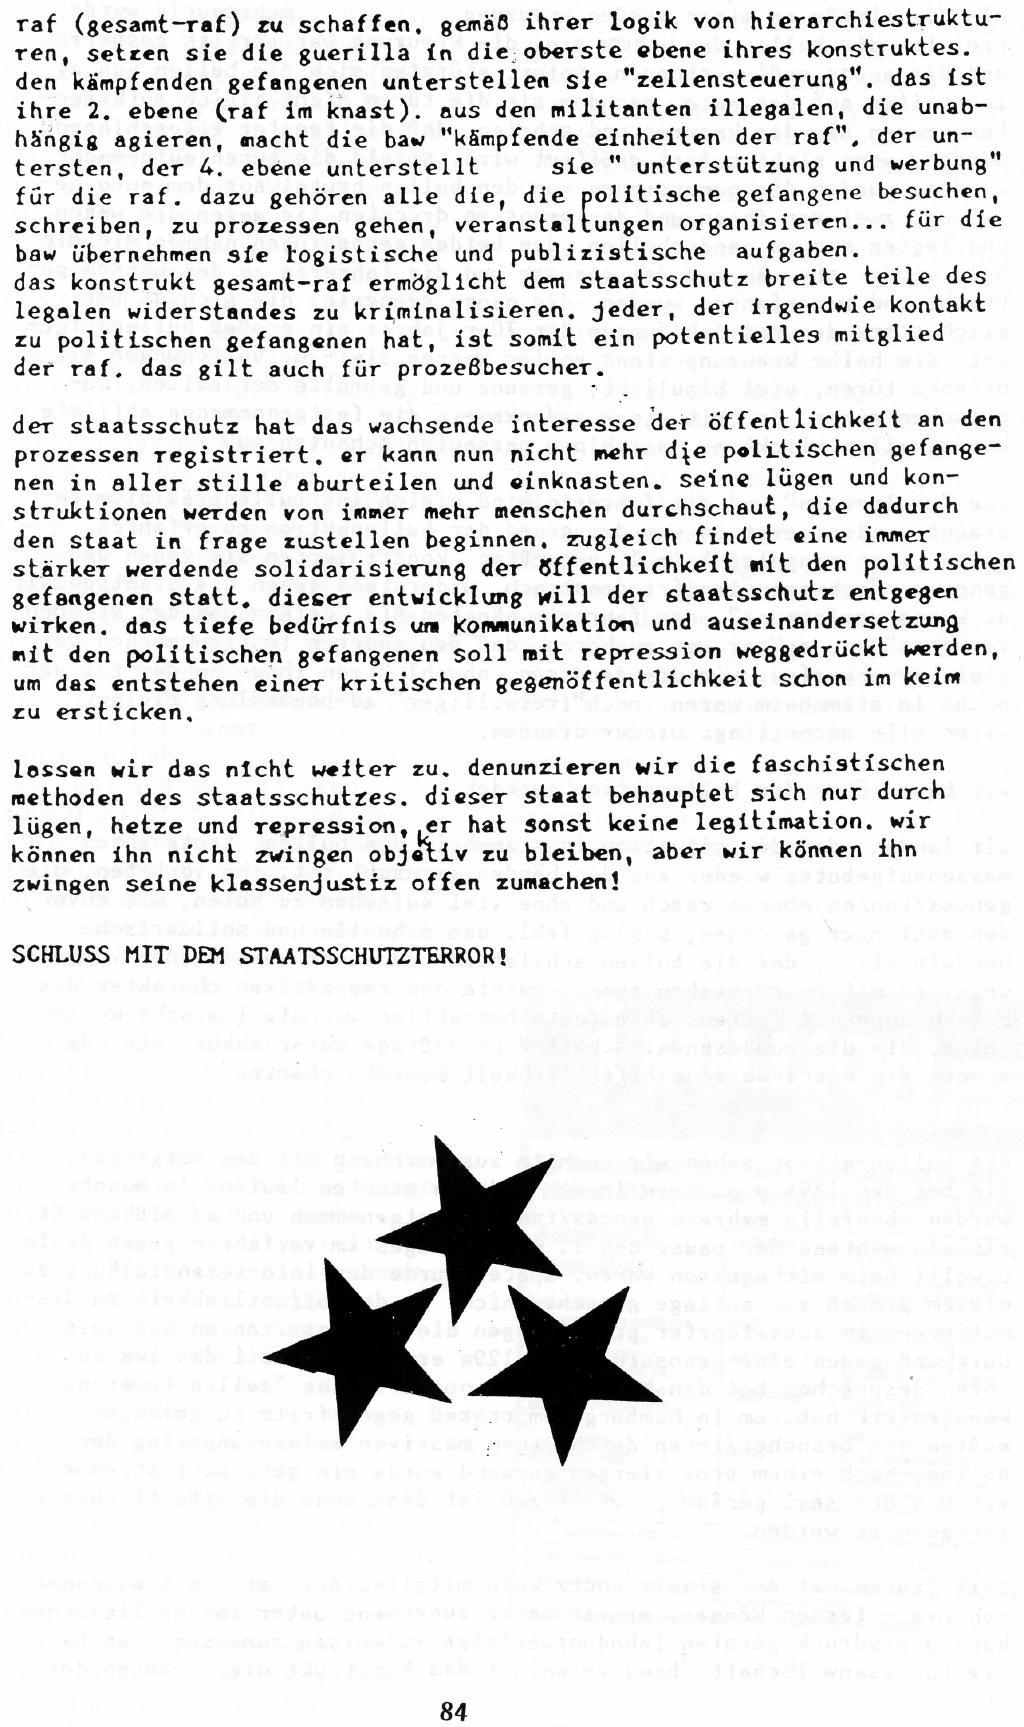 Duesseldorf_1989_Sechs_Politische_Gefangene_084